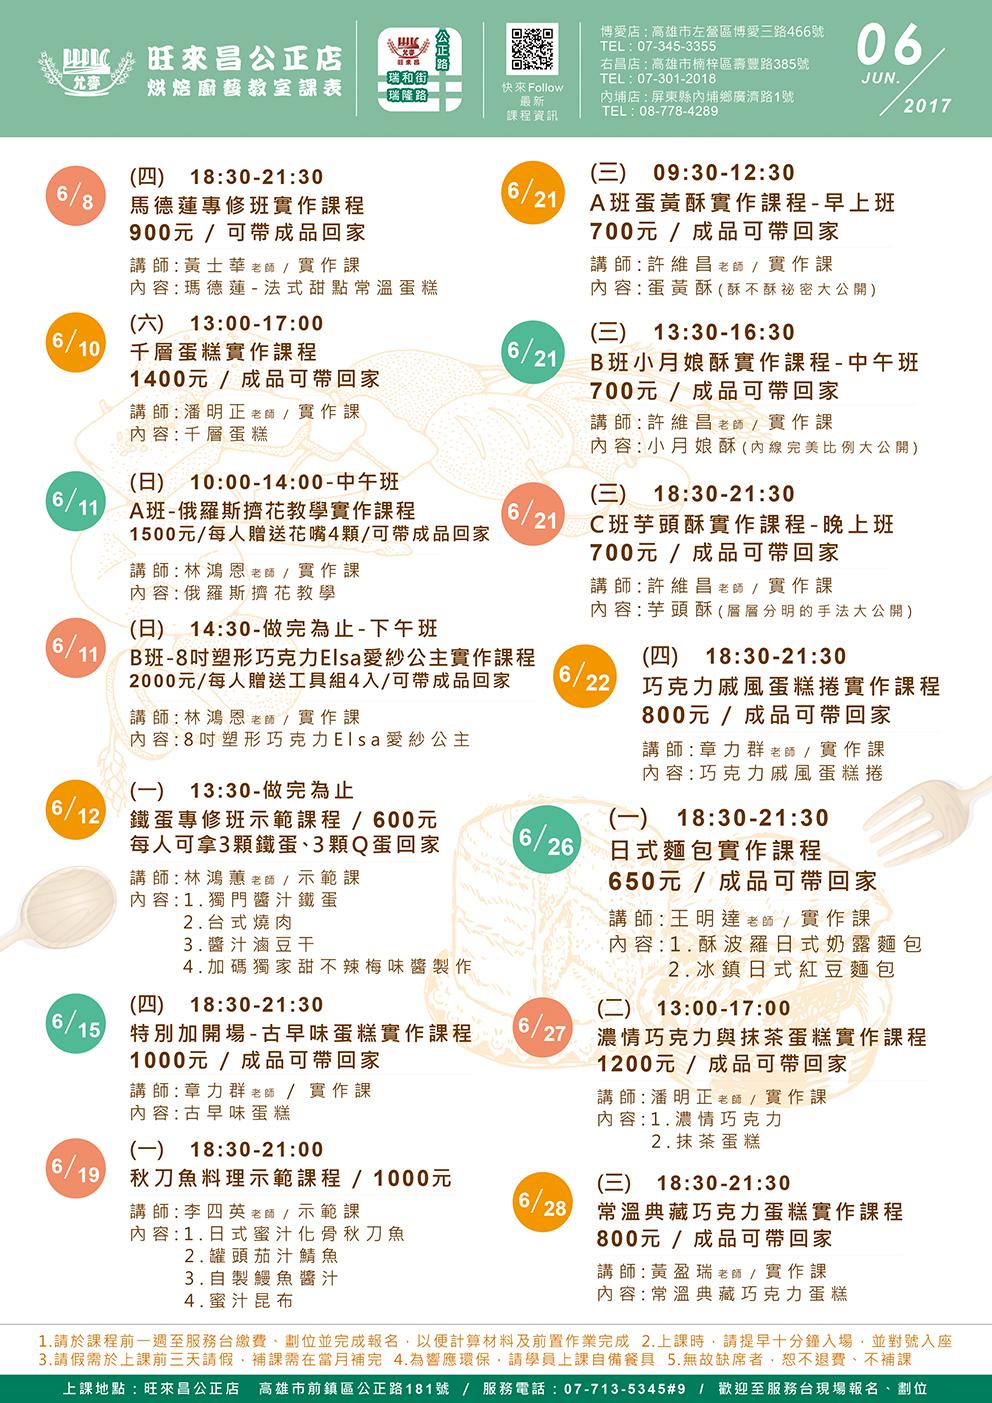 2017年6月公正店課程表